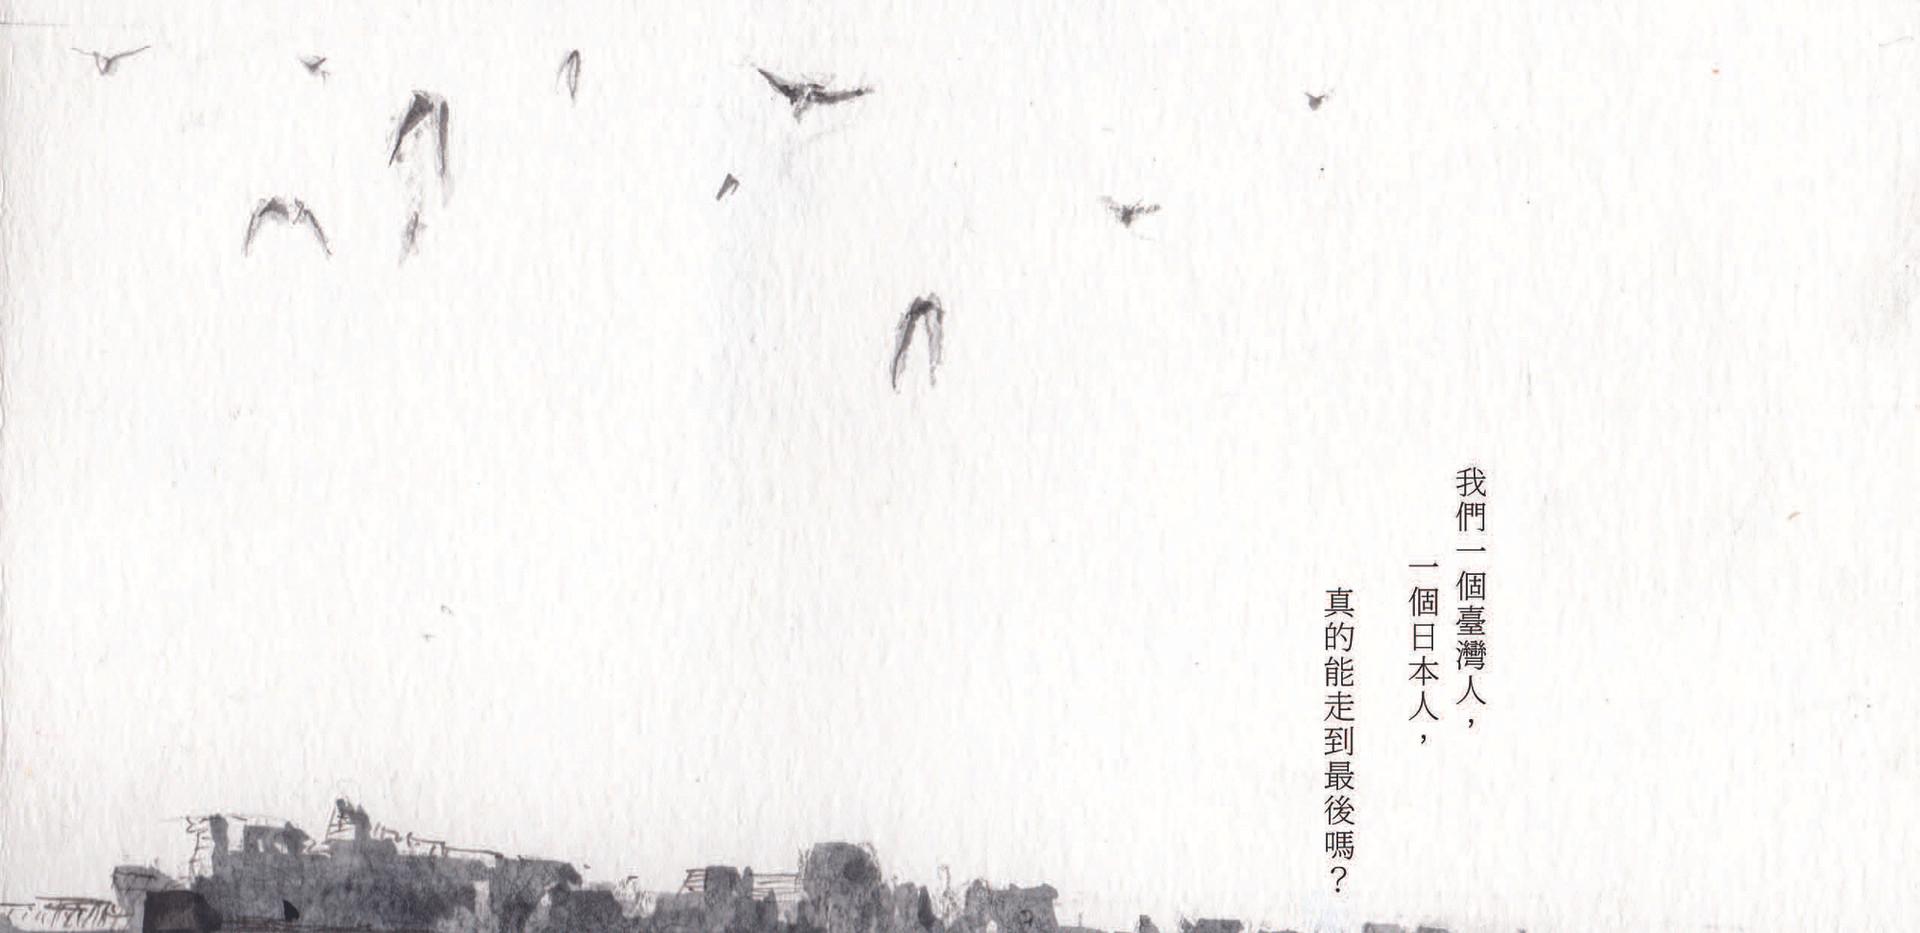 港邊惜別 / Love Story, Love Song p.06